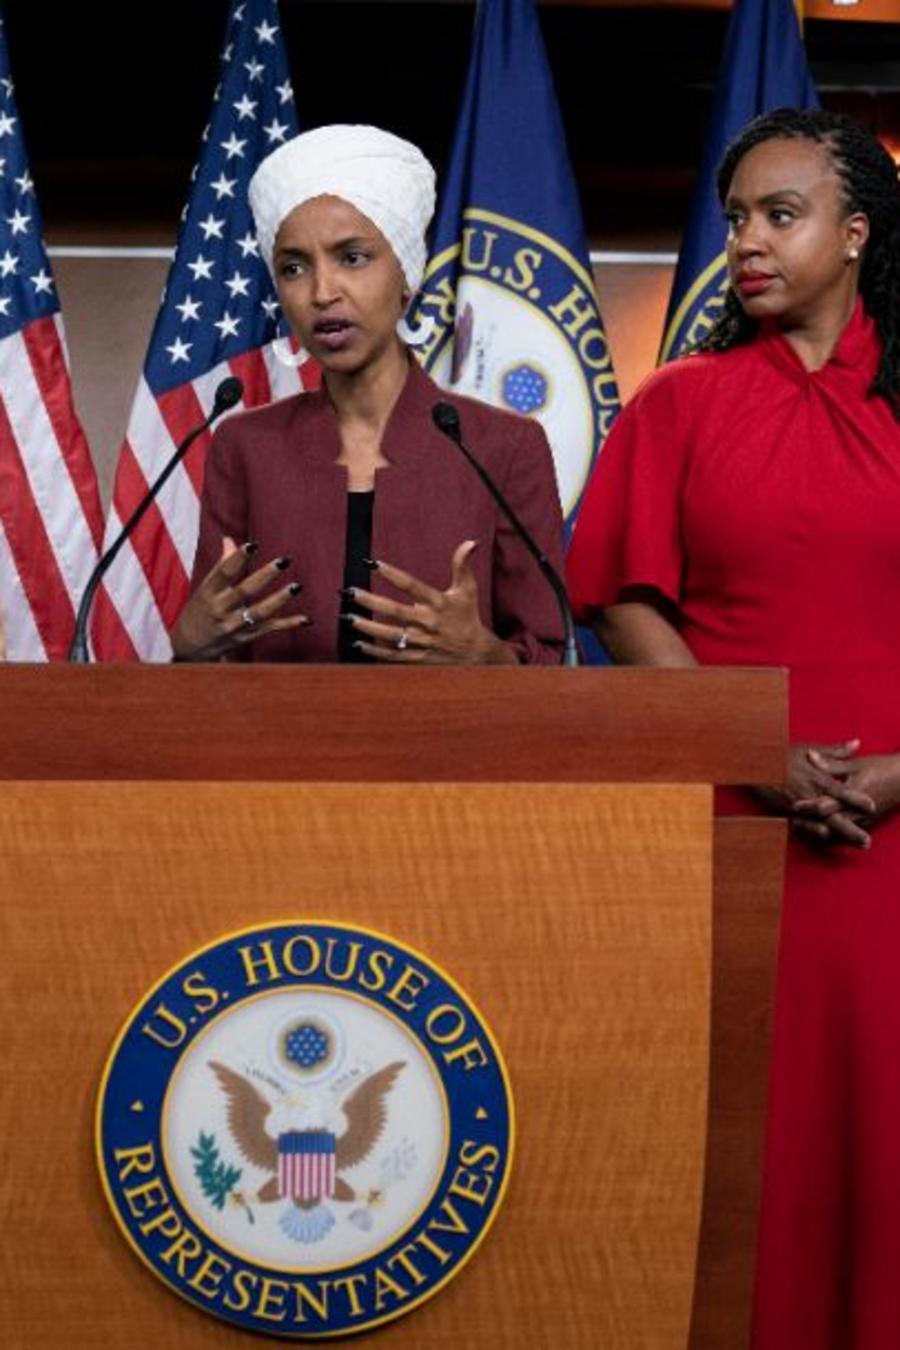 Desde la izquierda, las congresistas: Rashida Tlaib, Ilhan Omar, Ayanna Pressley y Alexandria Ocasio-Cortez en una conferencia de prensa el lunes en el Capitolio en Washington.